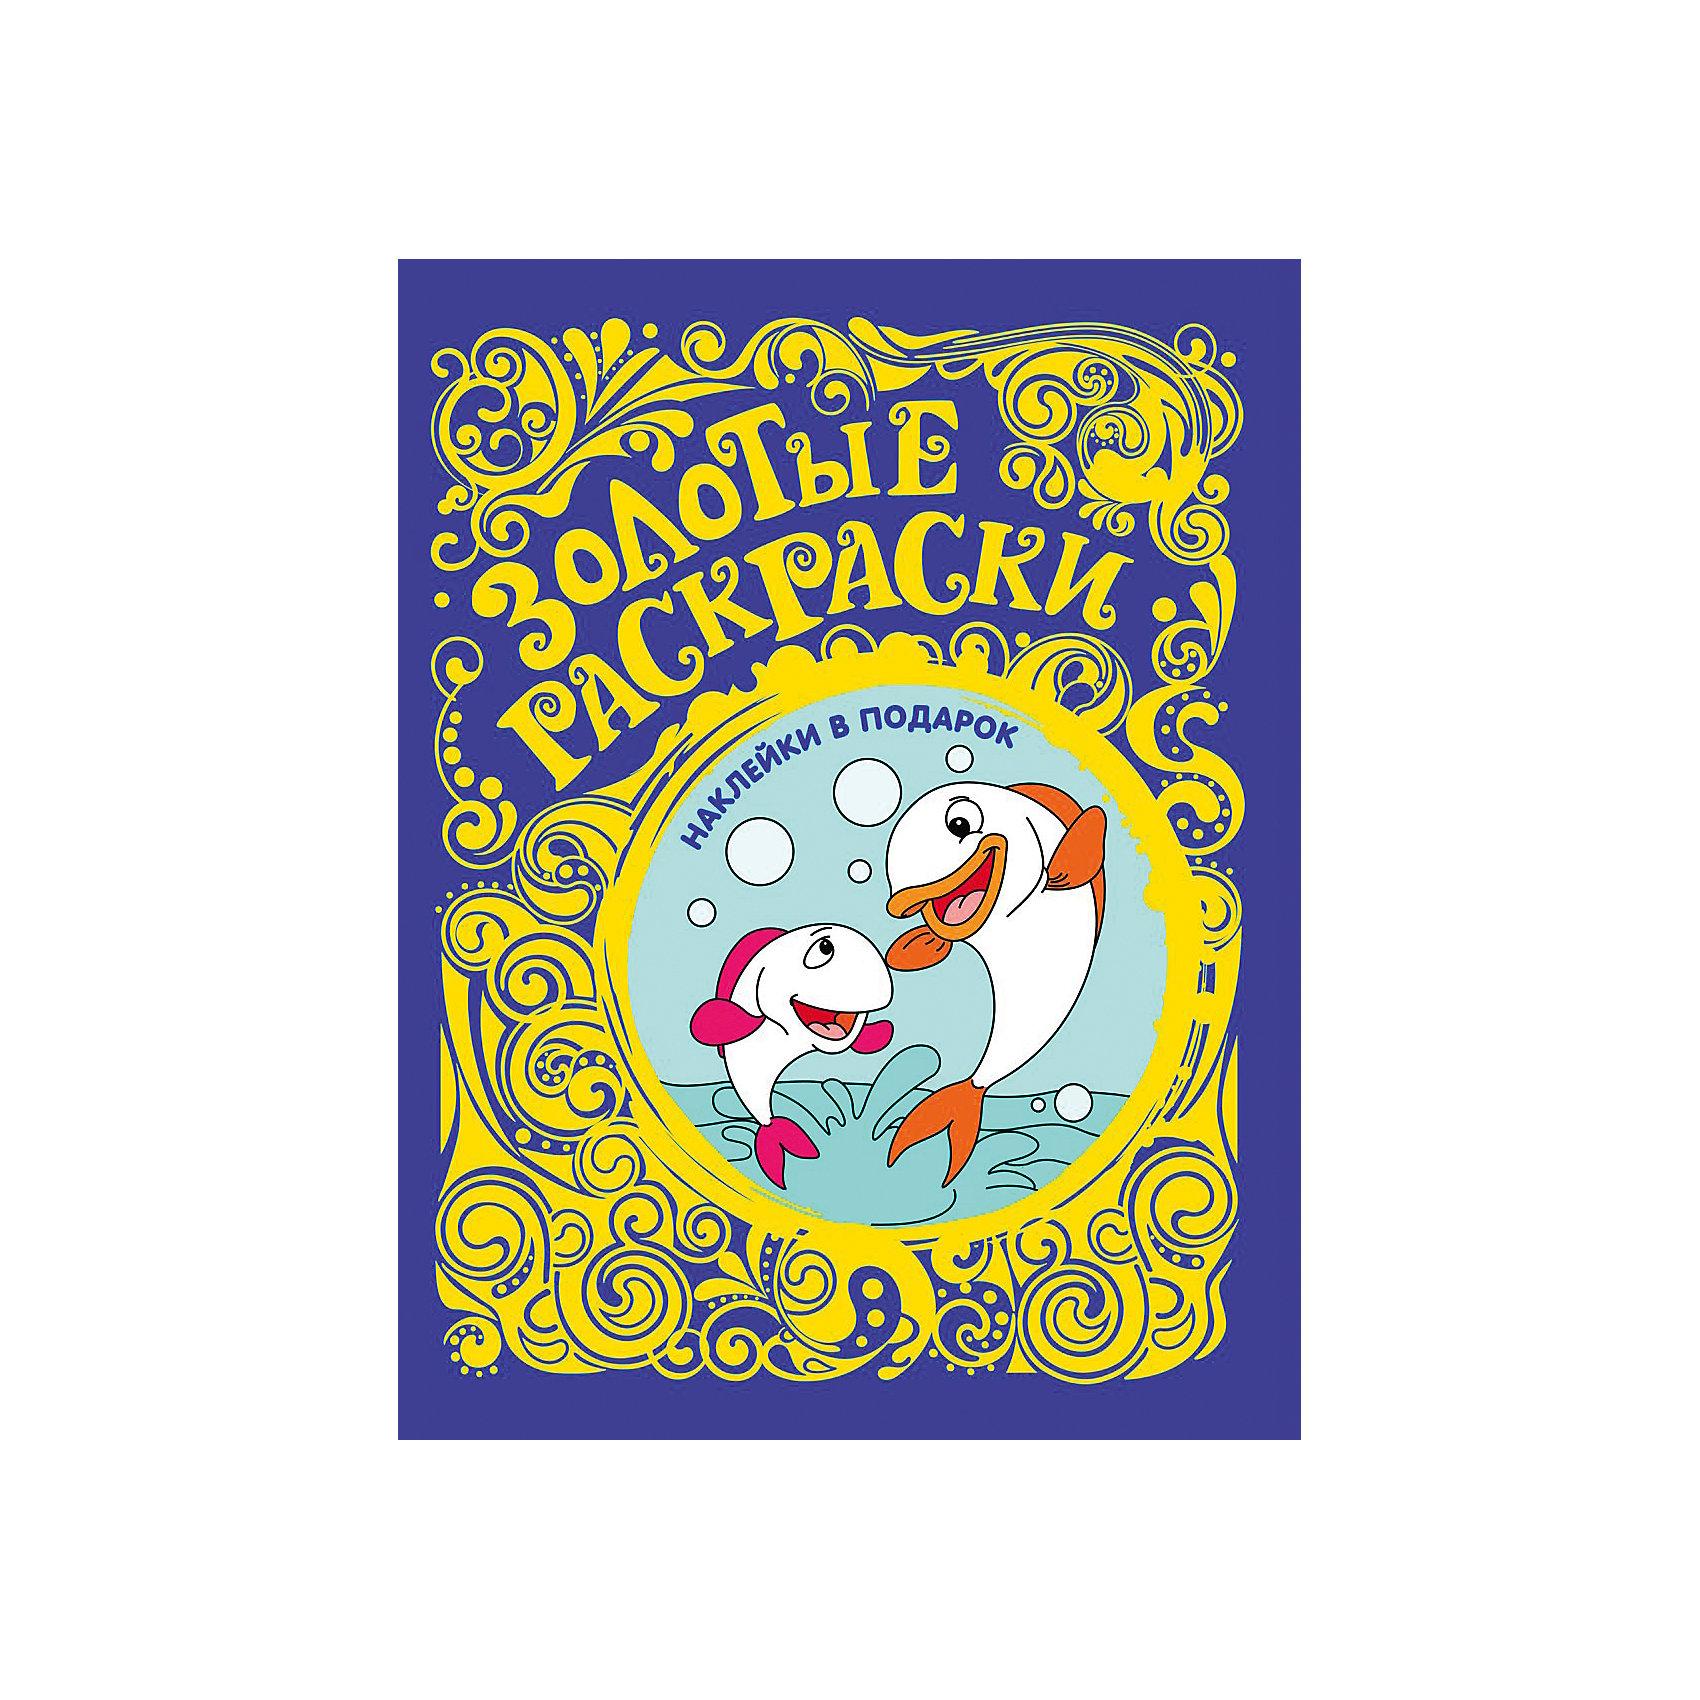 Золотые раскраски Рыбки с наклейкамиРосмэн<br>Золотые раскраски Рыбки с наклейками - это два удовольствия в одном. Раскрашивание - любимое детское занятие, но с золотой раскраской можно еще и наклеивать рыбок по своему желанию. Фантазии есть где разгуляться! В книге множество узнаваемых персонажей, которых малышу очень понравится раскрашивать. Малышу понравится сверкающее золотое оформление раскраски и он будет обращаться к ней снова и снова!<br><br>Дополнительная информация:<br><br>- Раскраска с наклейками;<br>- 10 страниц;<br>- Яркое золотое оформление;<br>- Узнаваемые образы;<br>- Размер: 25,5 х 19,5 х 1 см;<br>- Вес: 69 г<br><br>Золотые раскраски Рыбки с наклейками можно купить в нашем интернет-магазине.<br><br>Ширина мм: 255<br>Глубина мм: 195<br>Высота мм: 2<br>Вес г: 69<br>Возраст от месяцев: 12<br>Возраст до месяцев: 72<br>Пол: Унисекс<br>Возраст: Детский<br>SKU: 4121057